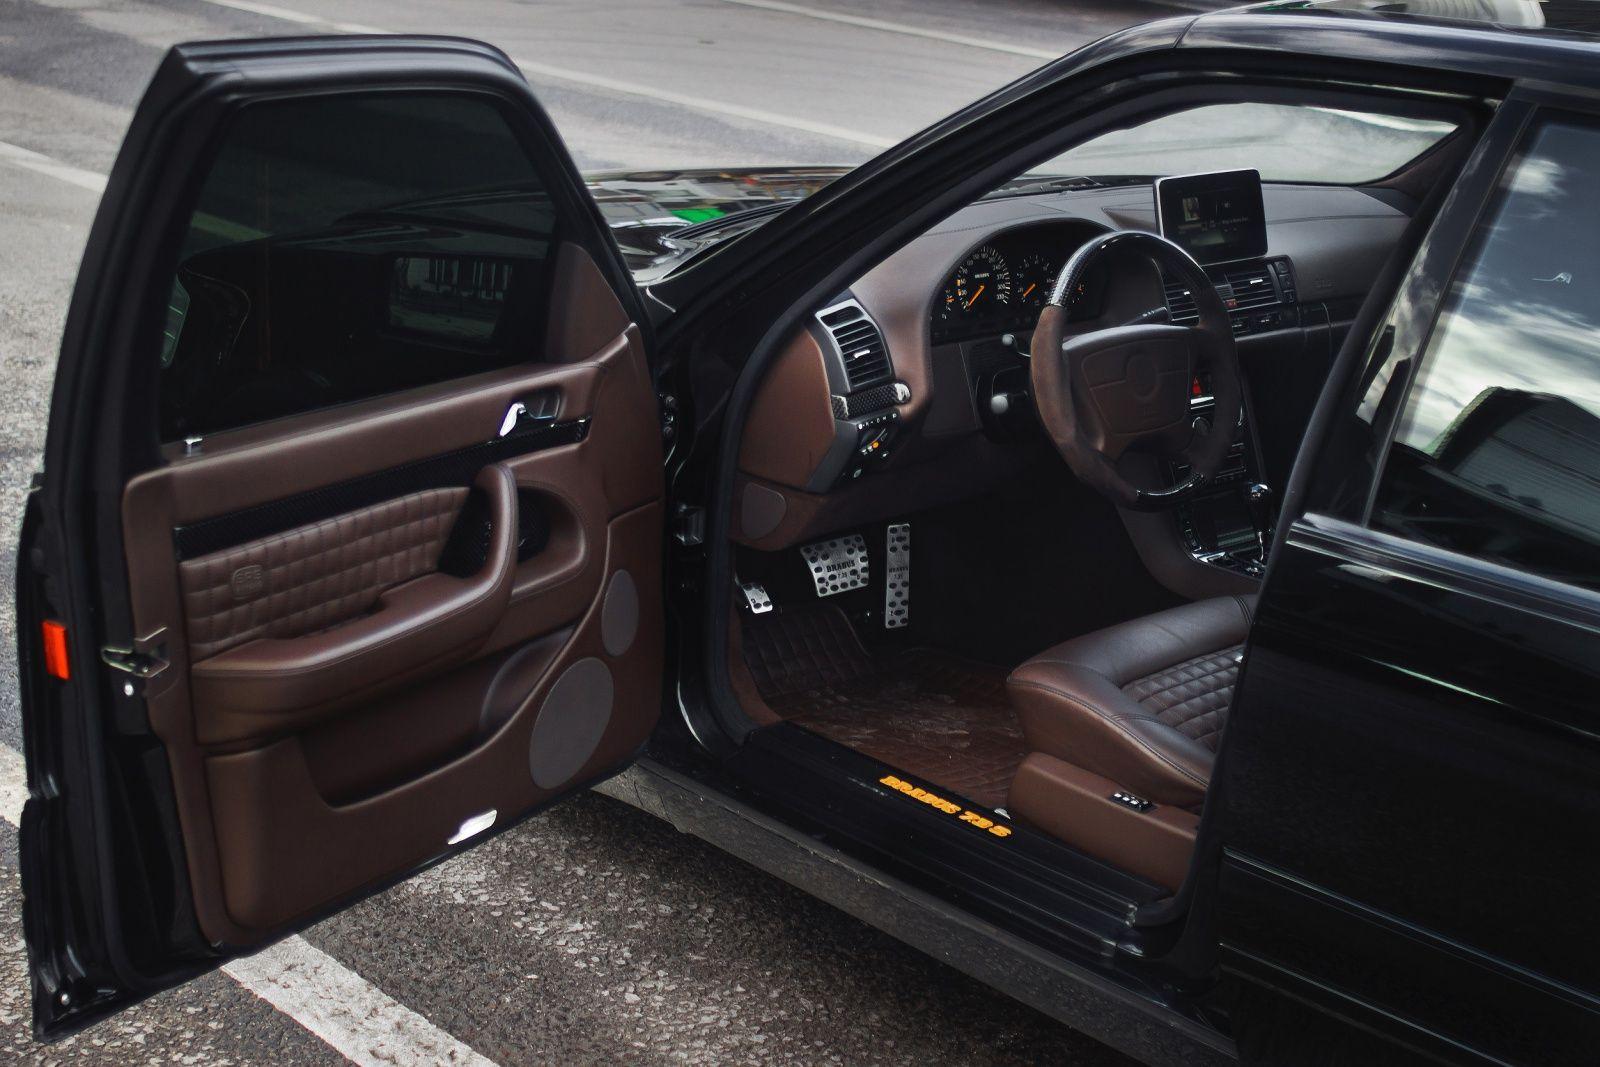 Brabus W140 7 3 S Mercedes Benz Interior Mercedes Car Mercedes